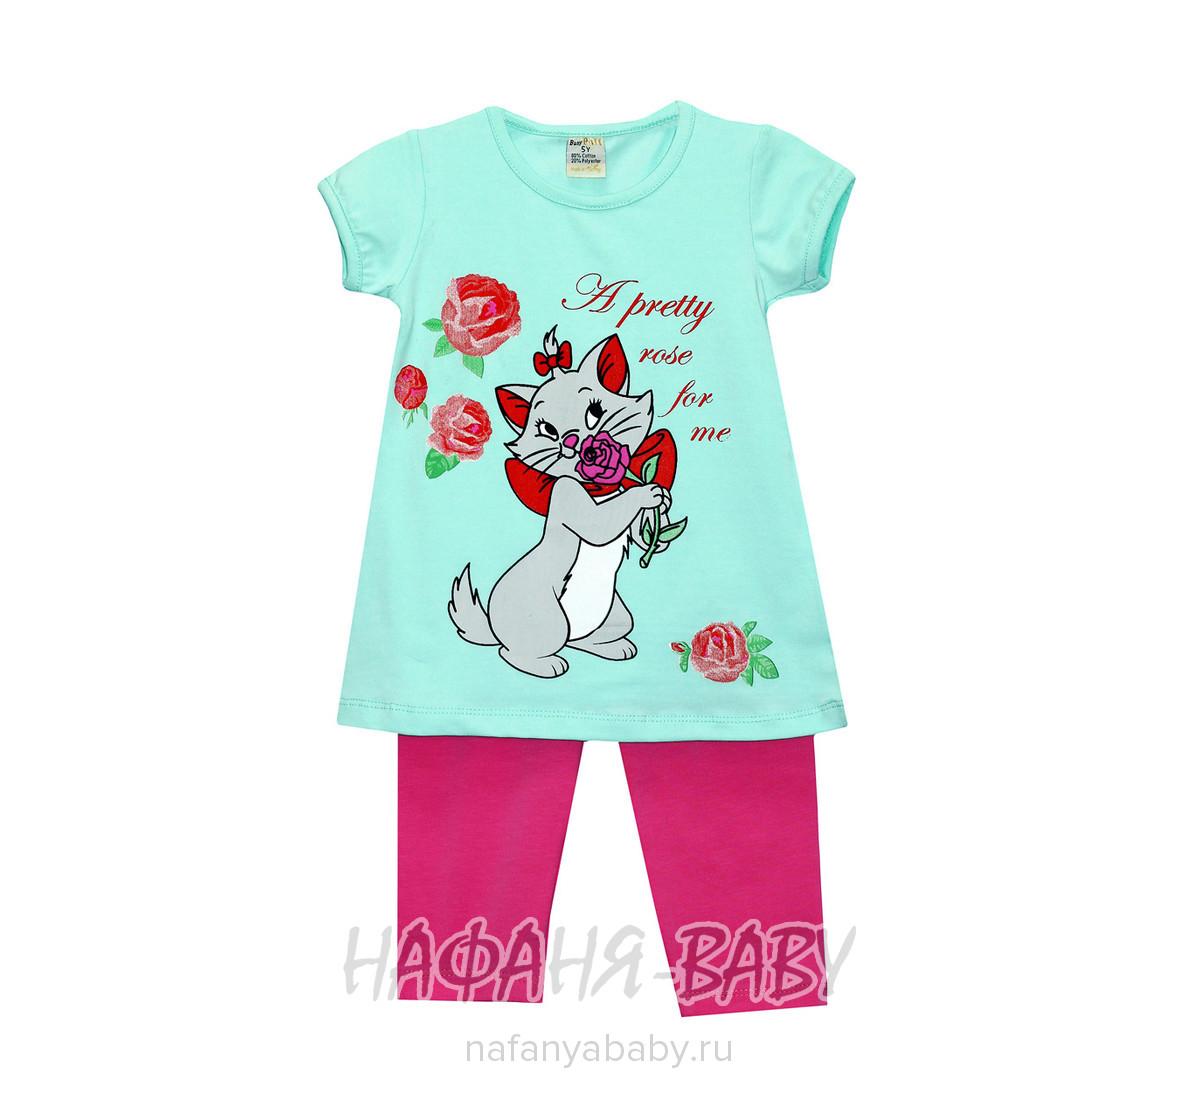 Детский костюм BABY PUFF арт: 6043, цвет туника- коралловый, лосины- темно-синий, оптом Турция